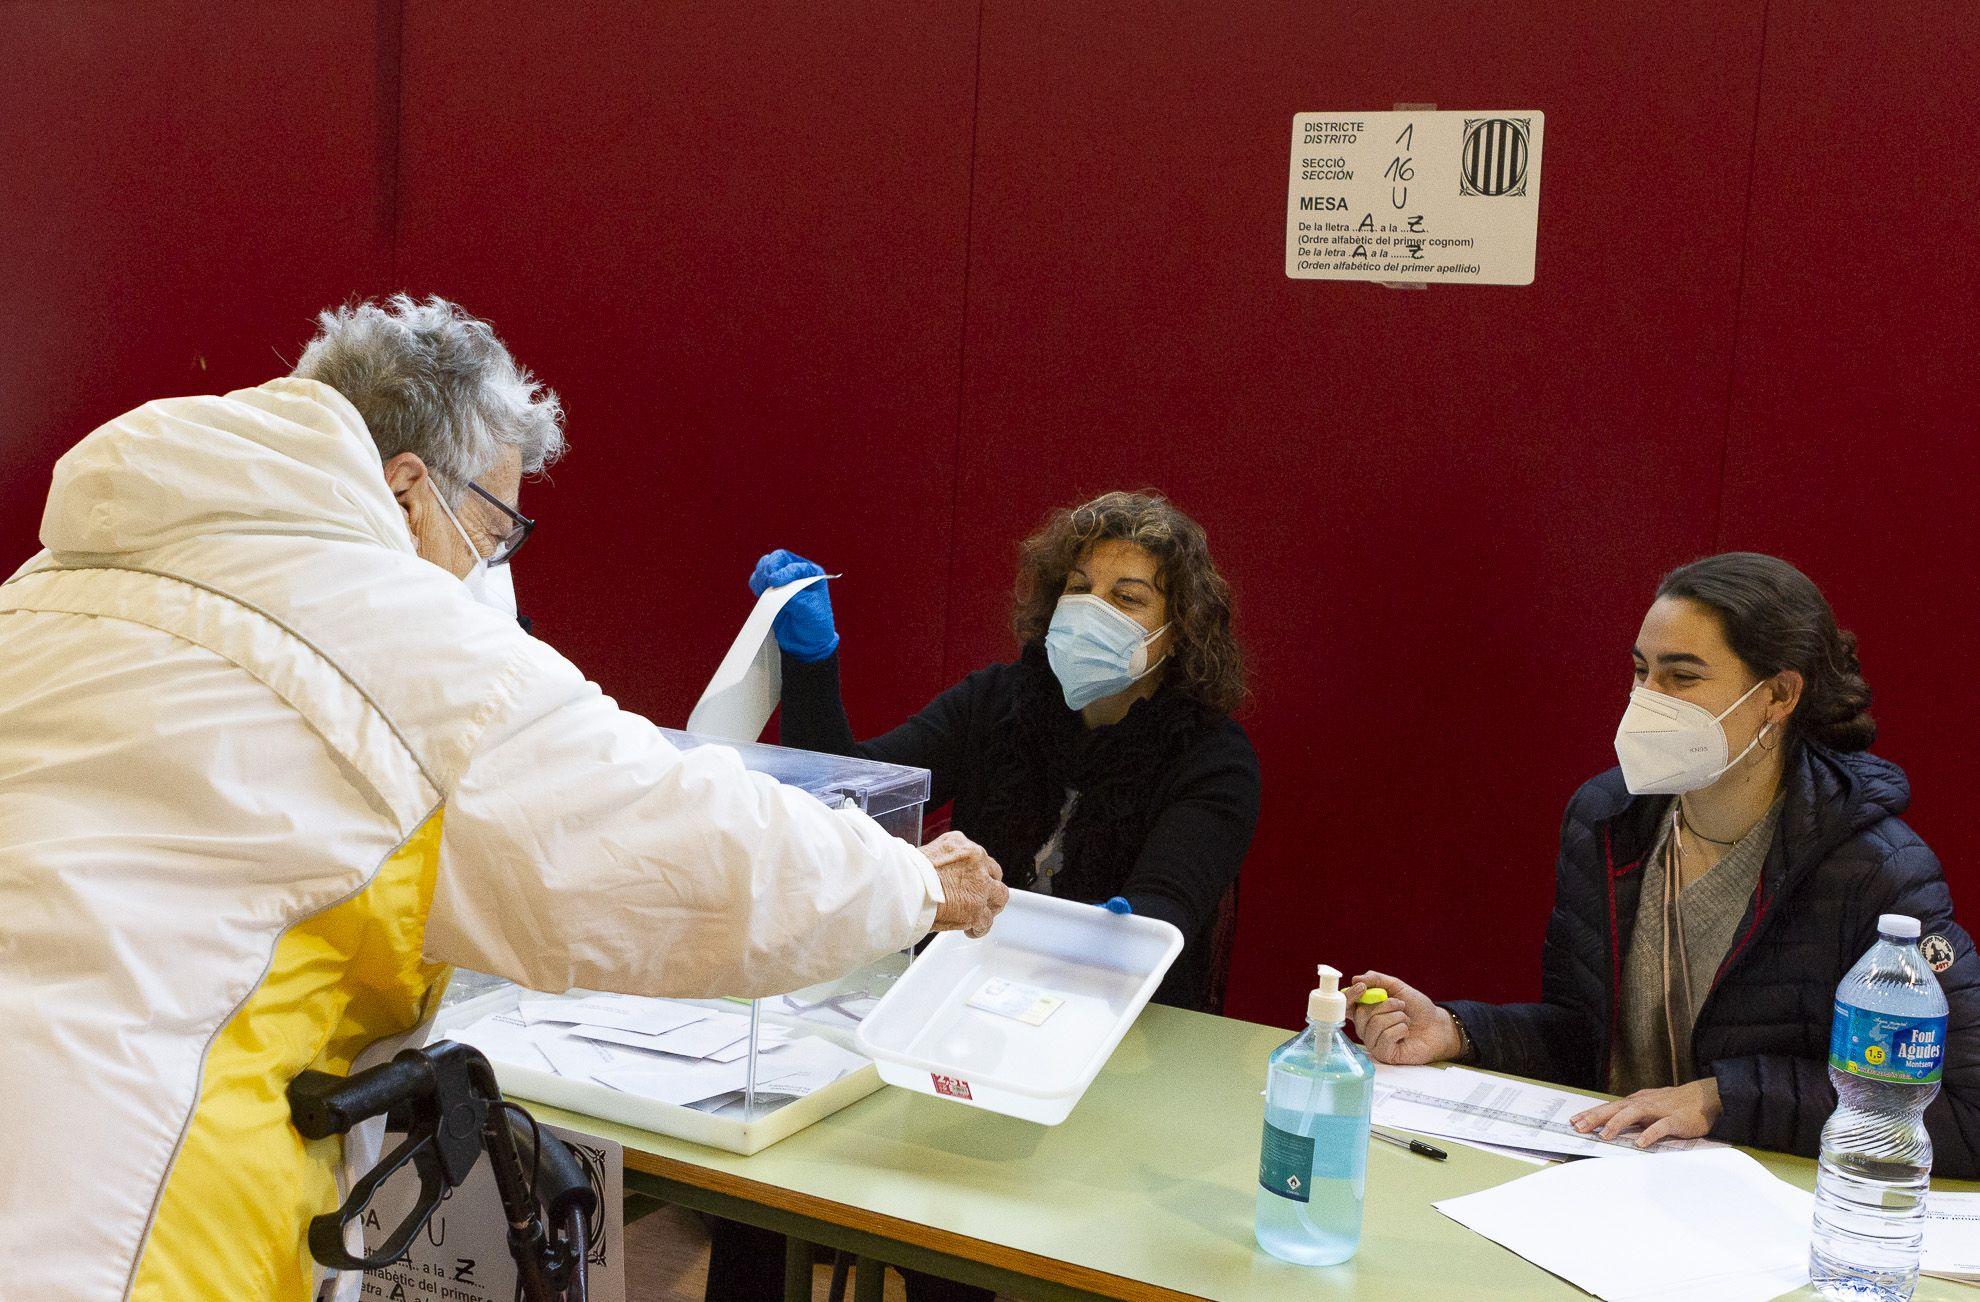 Votacions a l'escola Gerbert d'Orlach FOTO: Estefania Bedmar